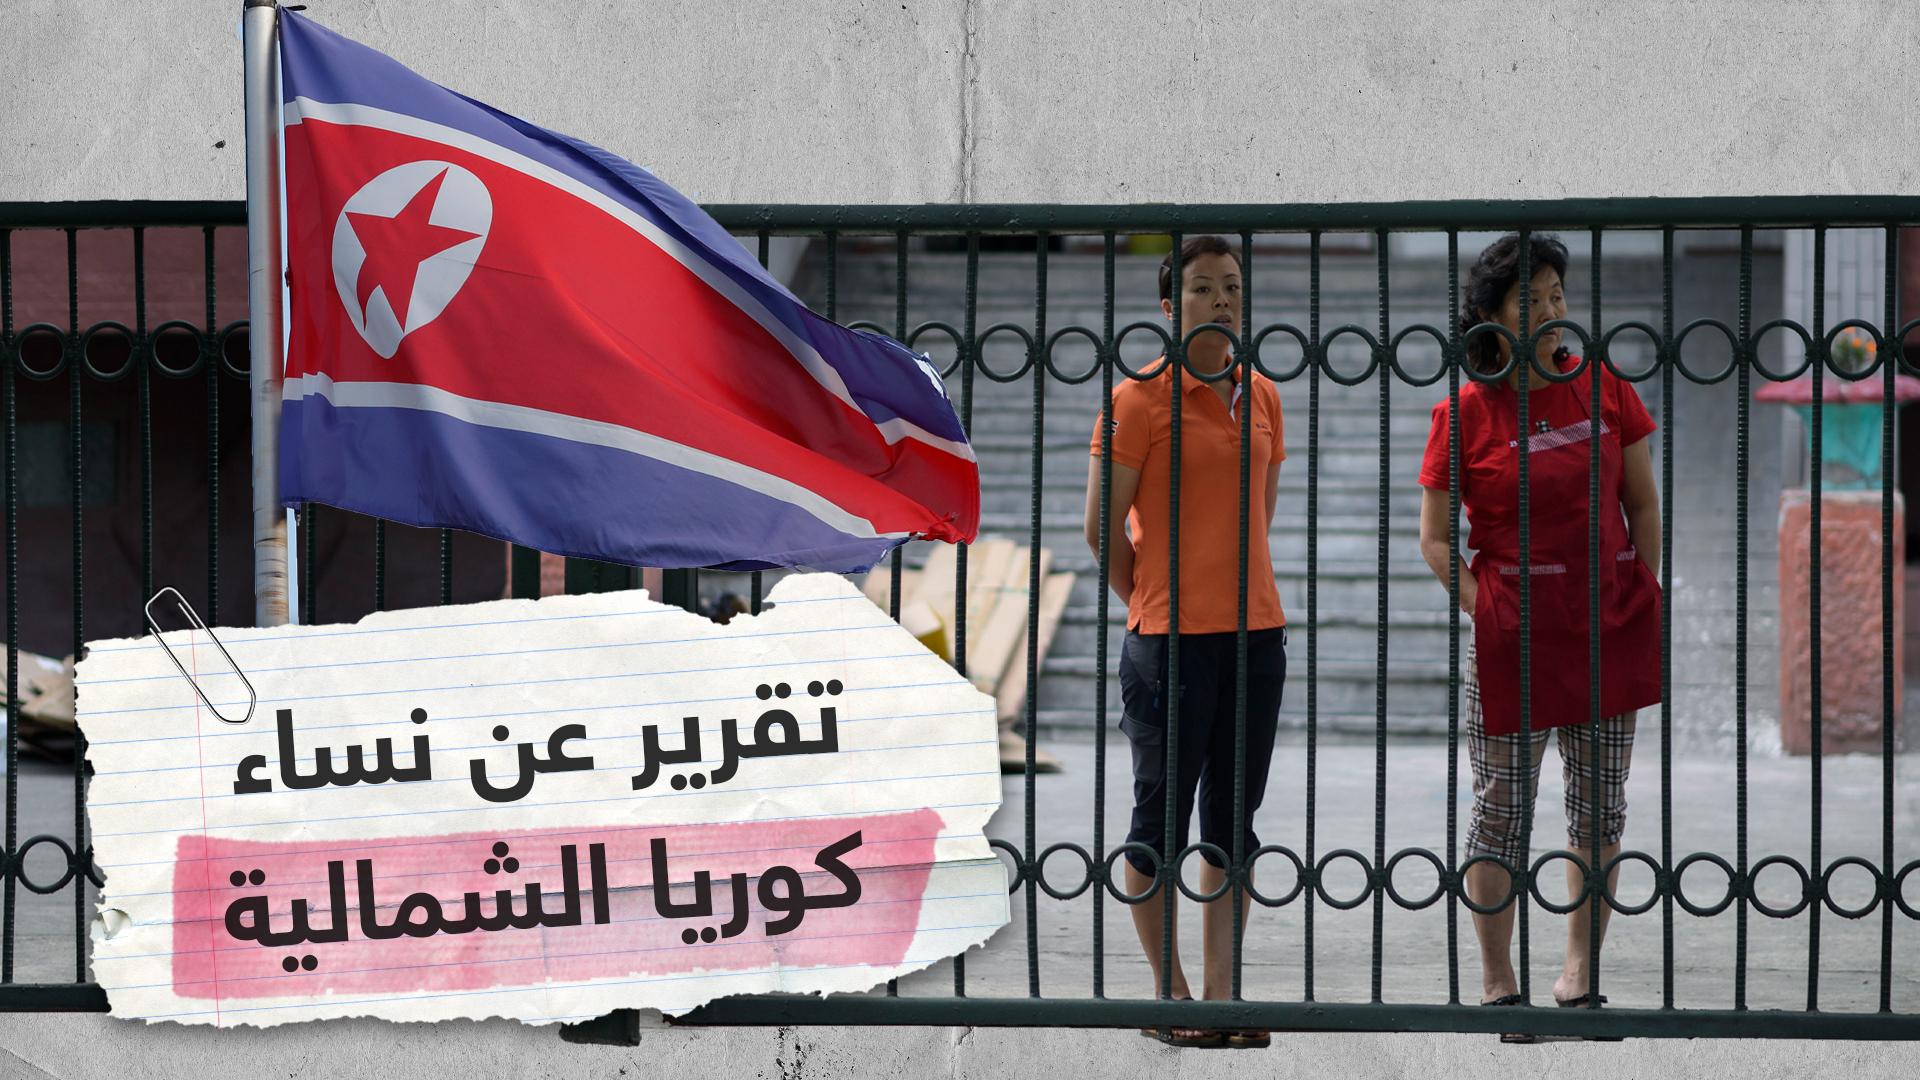 هل يتم تعذيب نساء في سجون كوريا الشمالية؟